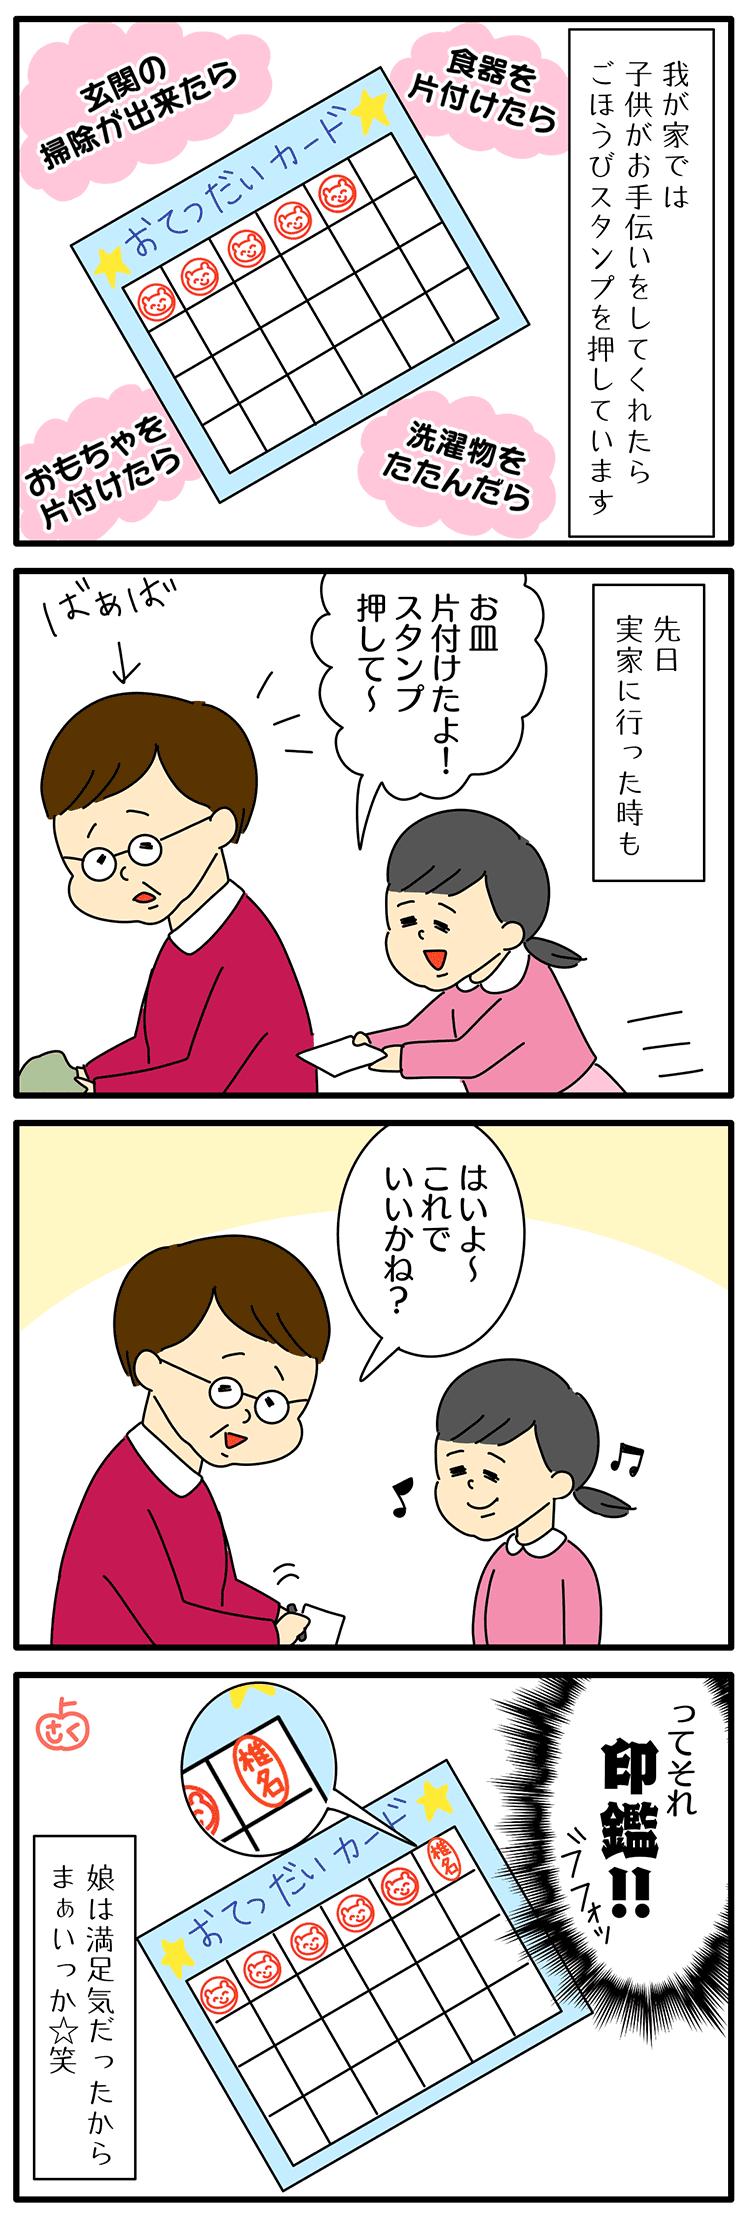 ごほうびスタンプについての永岡さくら(saku)さんの子育て4コマ漫画